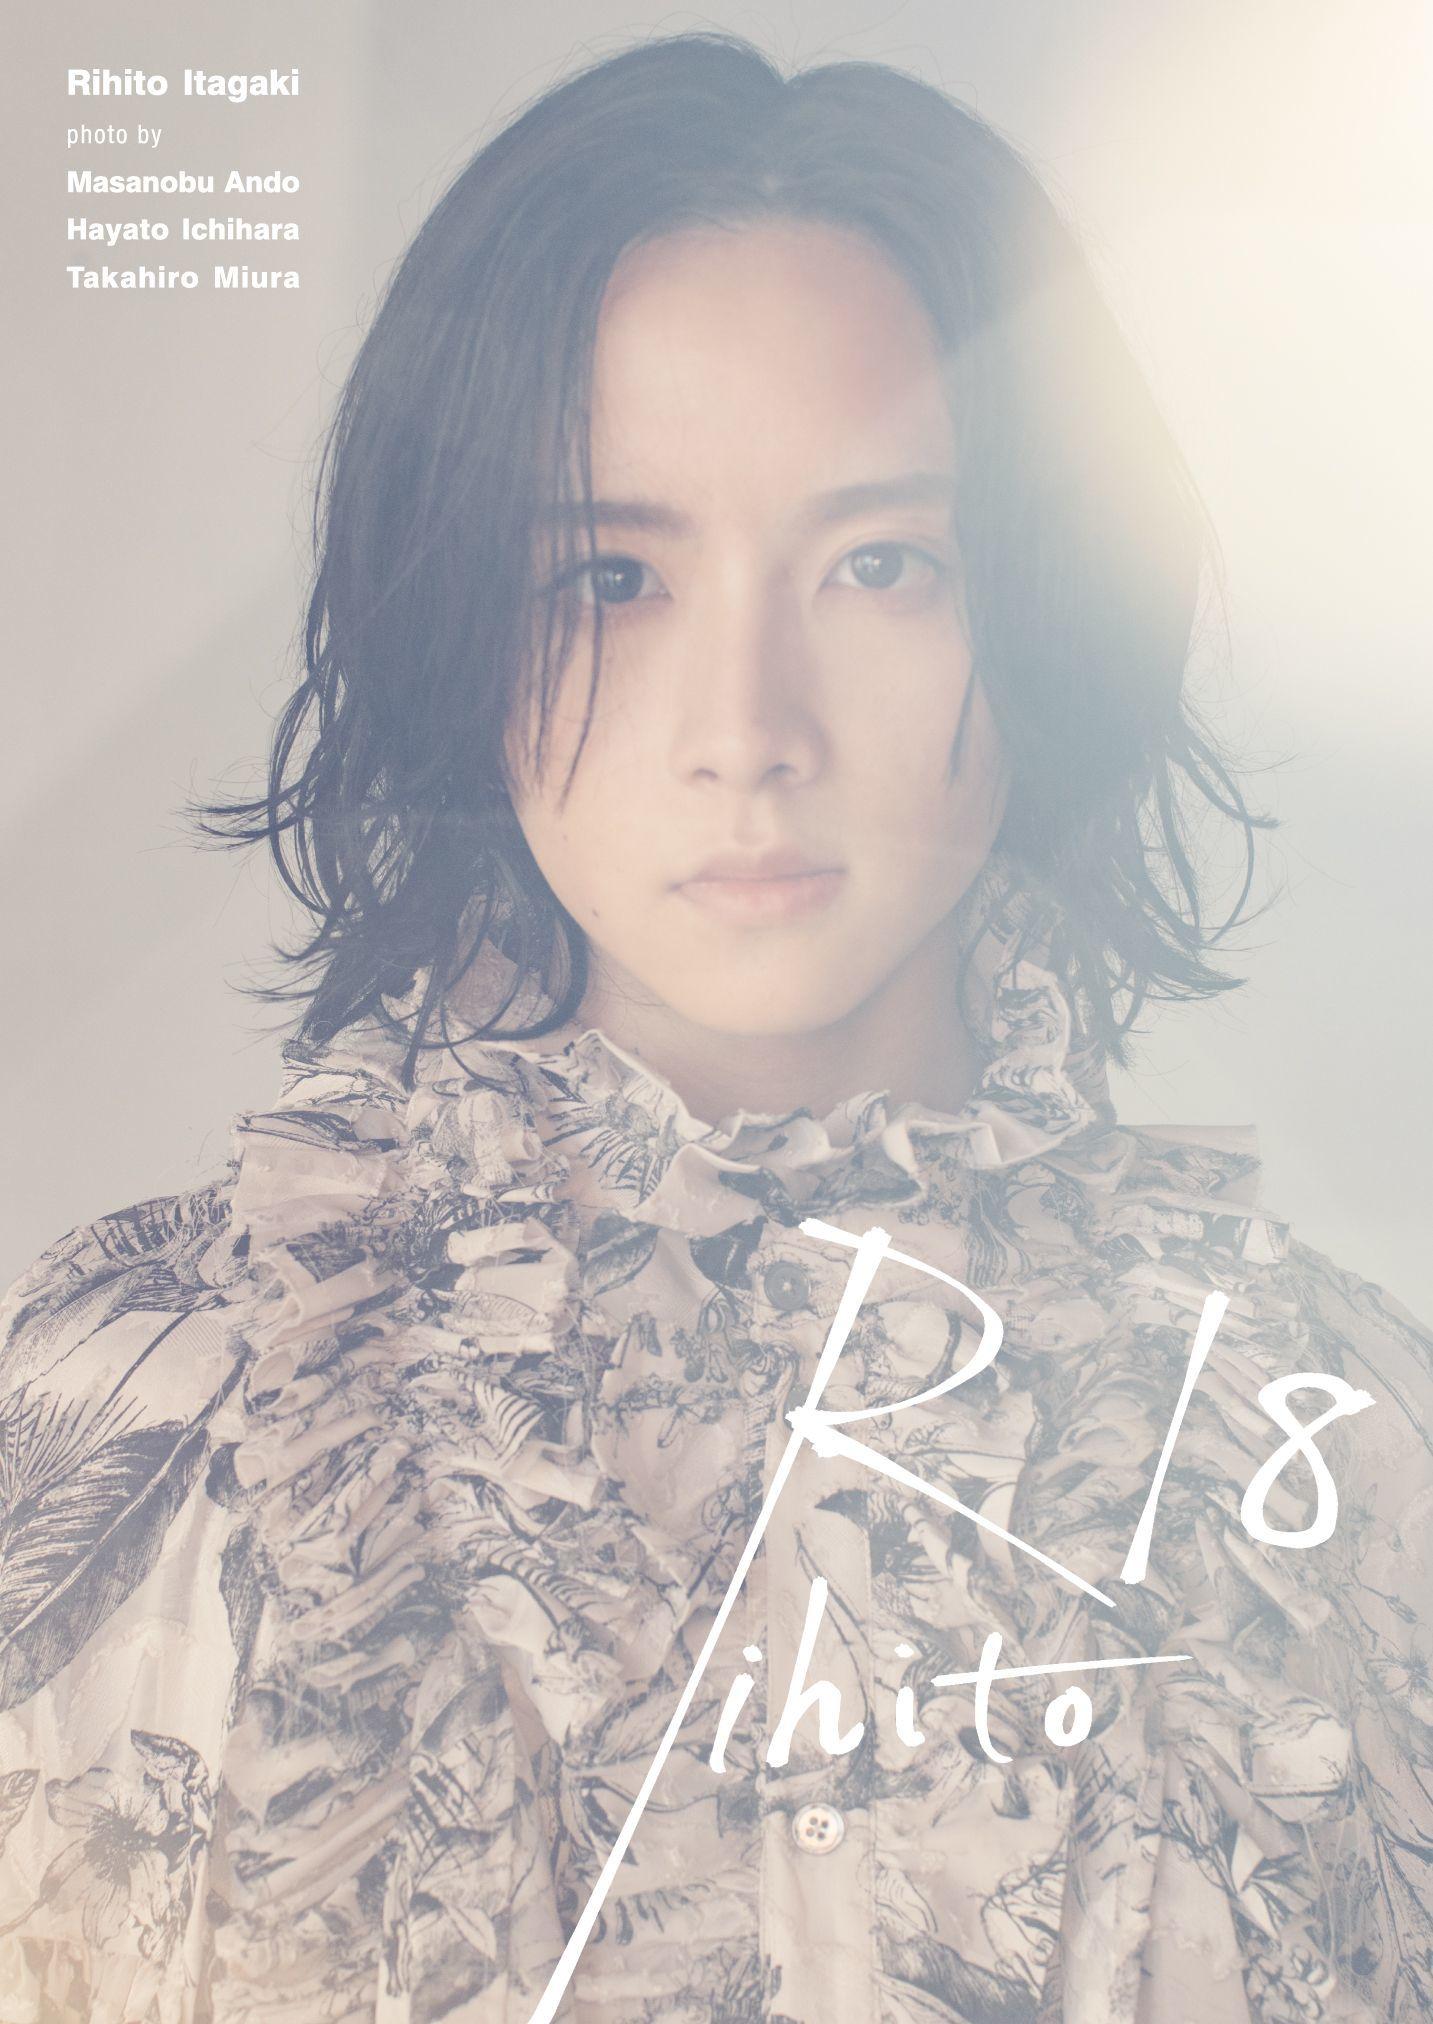 写真集『Rihito18』通常版表紙(安藤政信撮影) (C)SDP